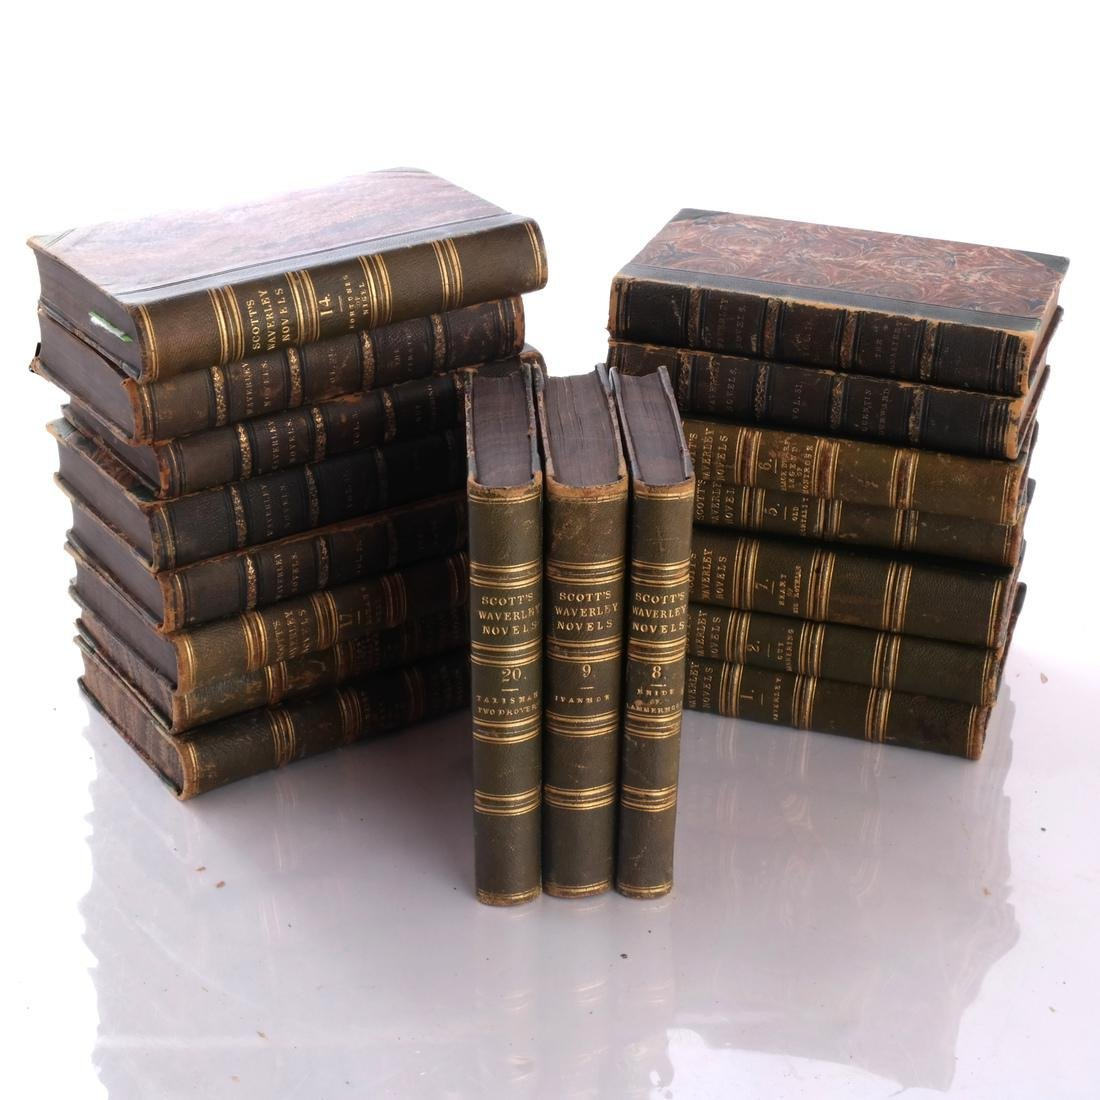 Books: Scott's Waverly Novels (38) - 3